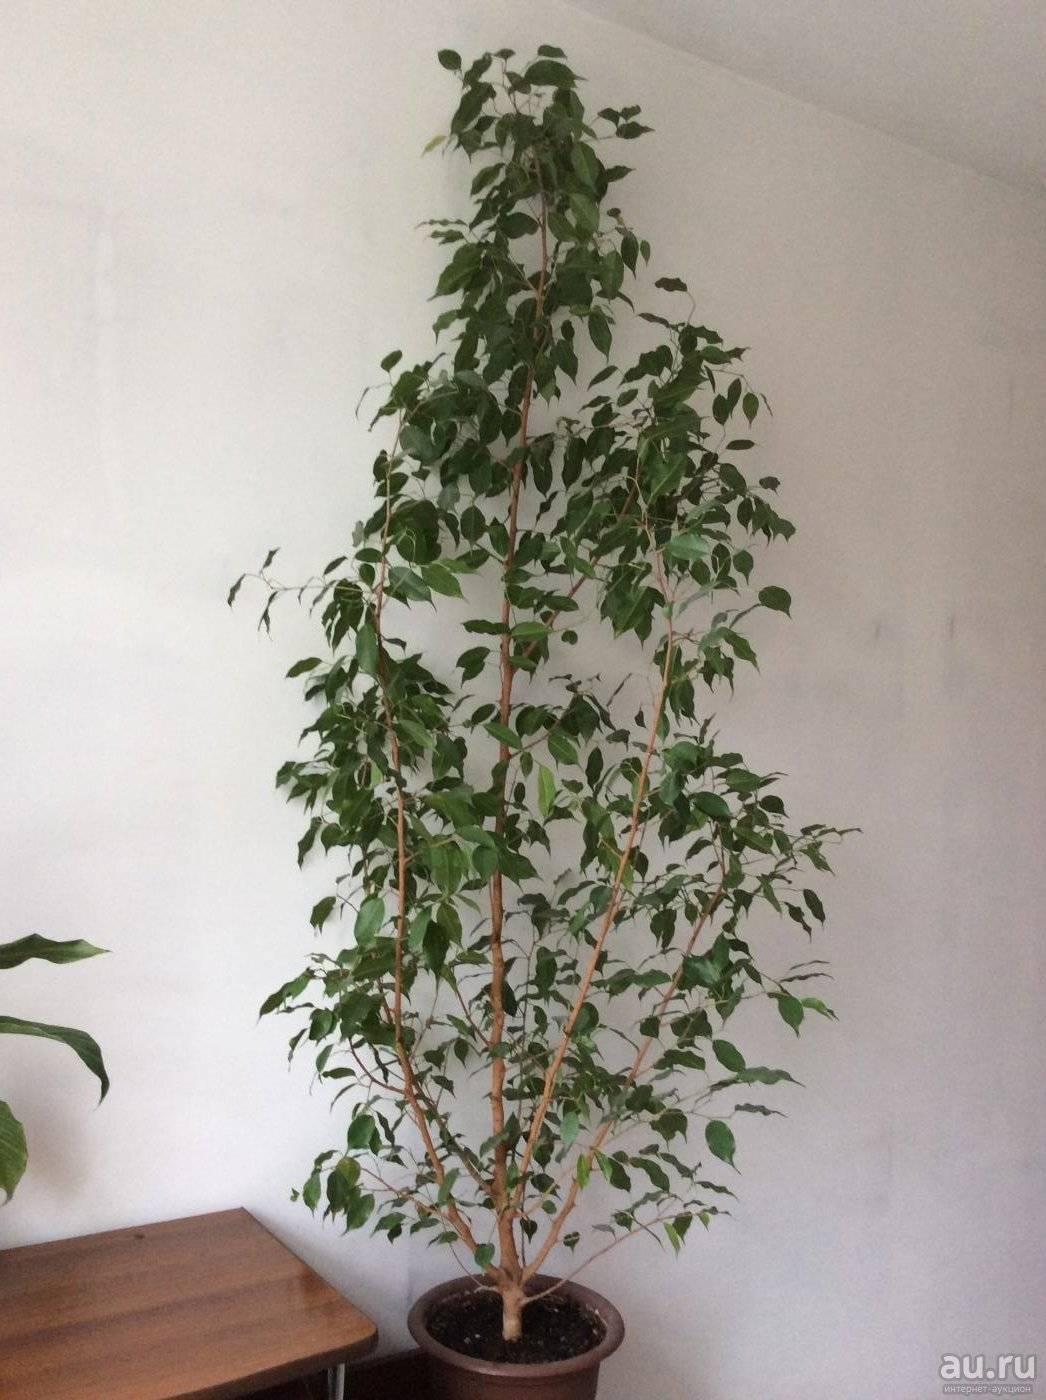 Комнатное растение березка (циссус): уход в домашних условиях, размножение